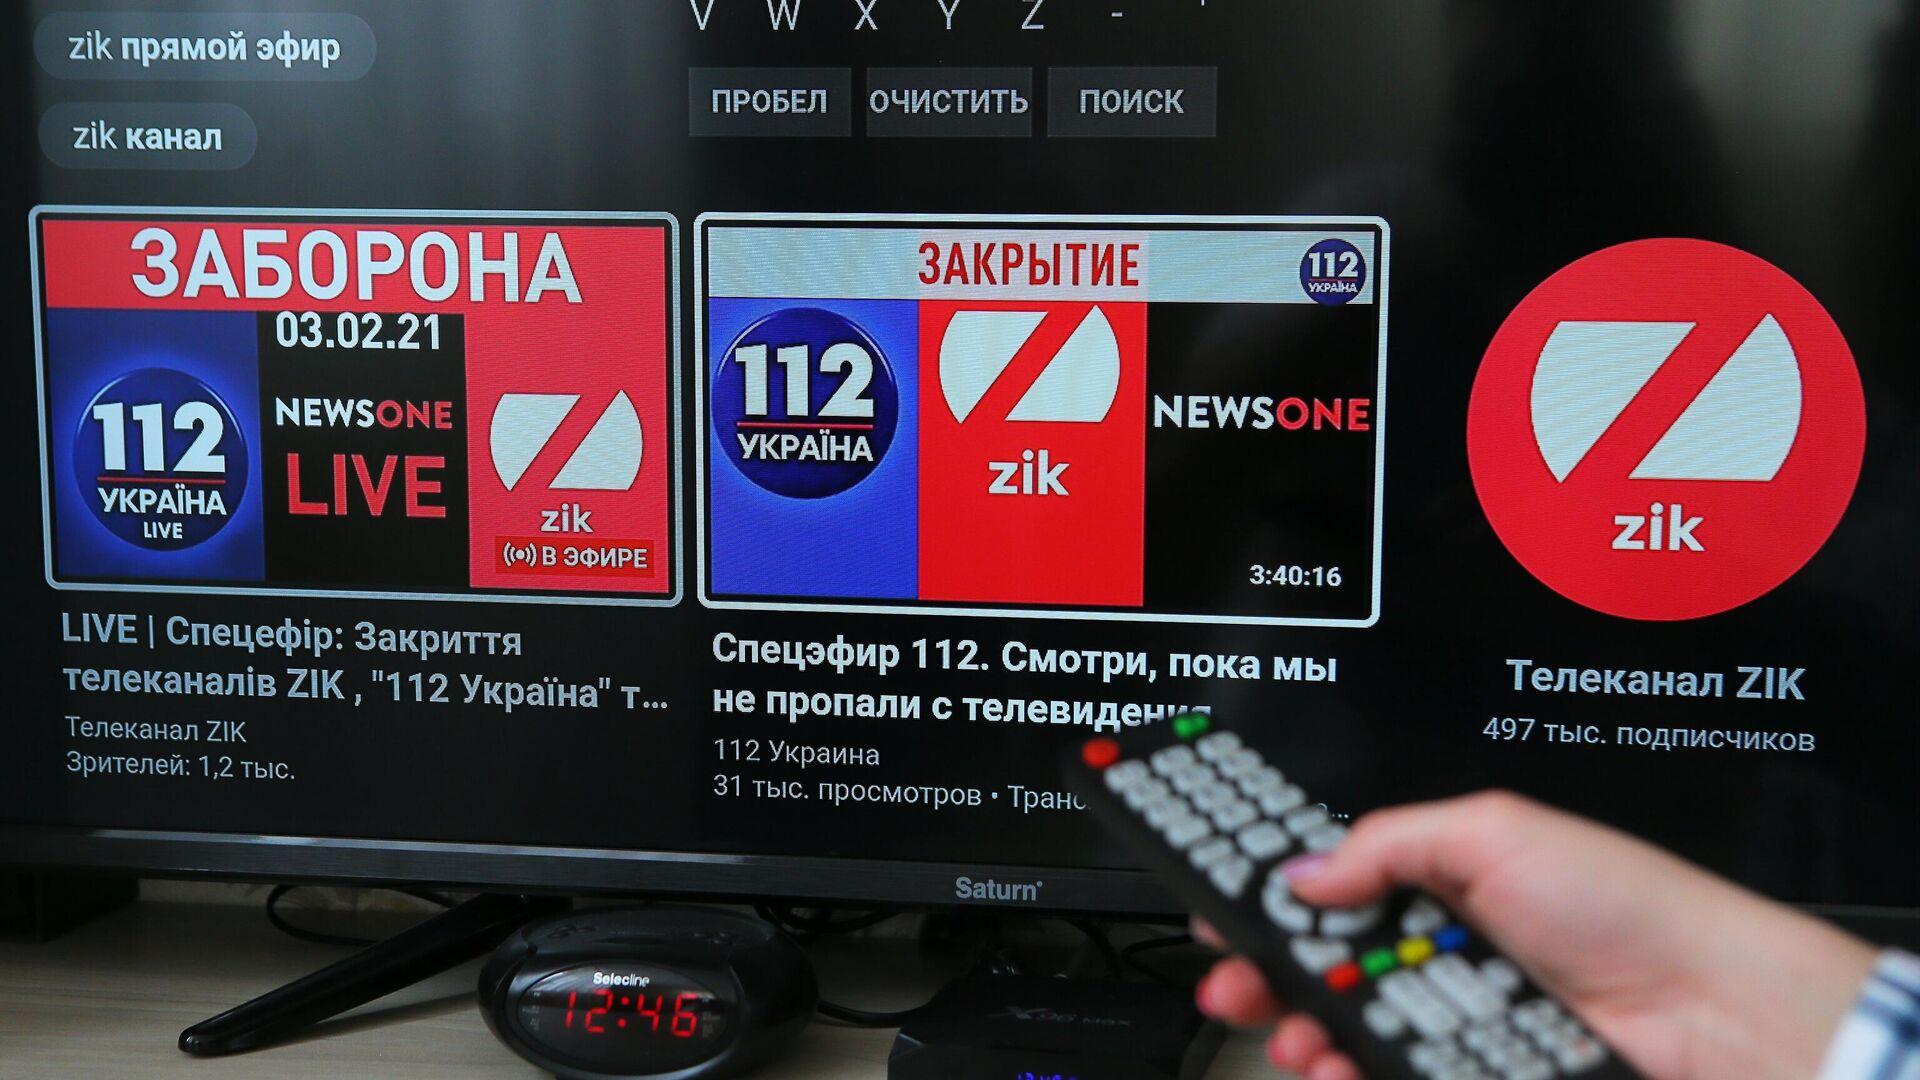 Экран телевизора с интернет-трансляцией телеканалов 112.Украина и ZIK  на платформе видеохостинга YouTube - РИА Новости, 1920, 14.02.2021